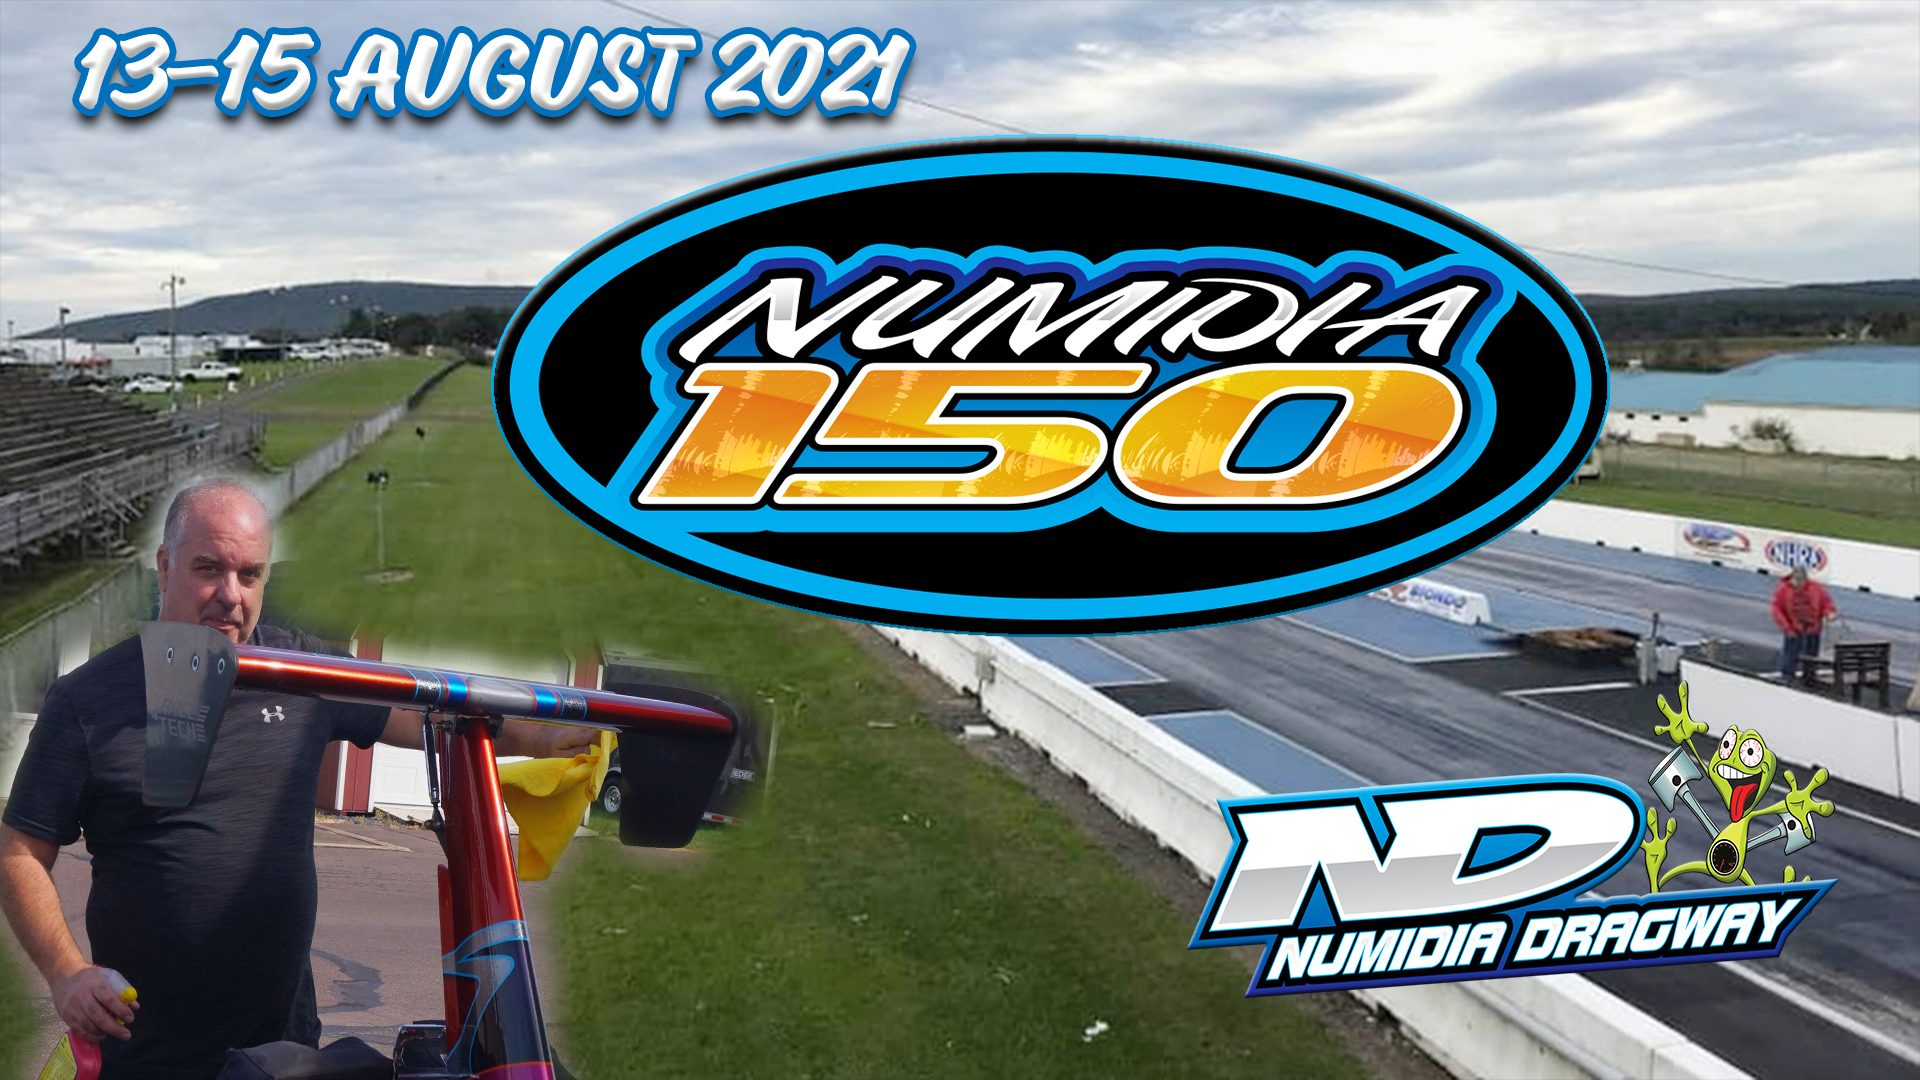 Aug13-15 Numidia150 2021_Wps3